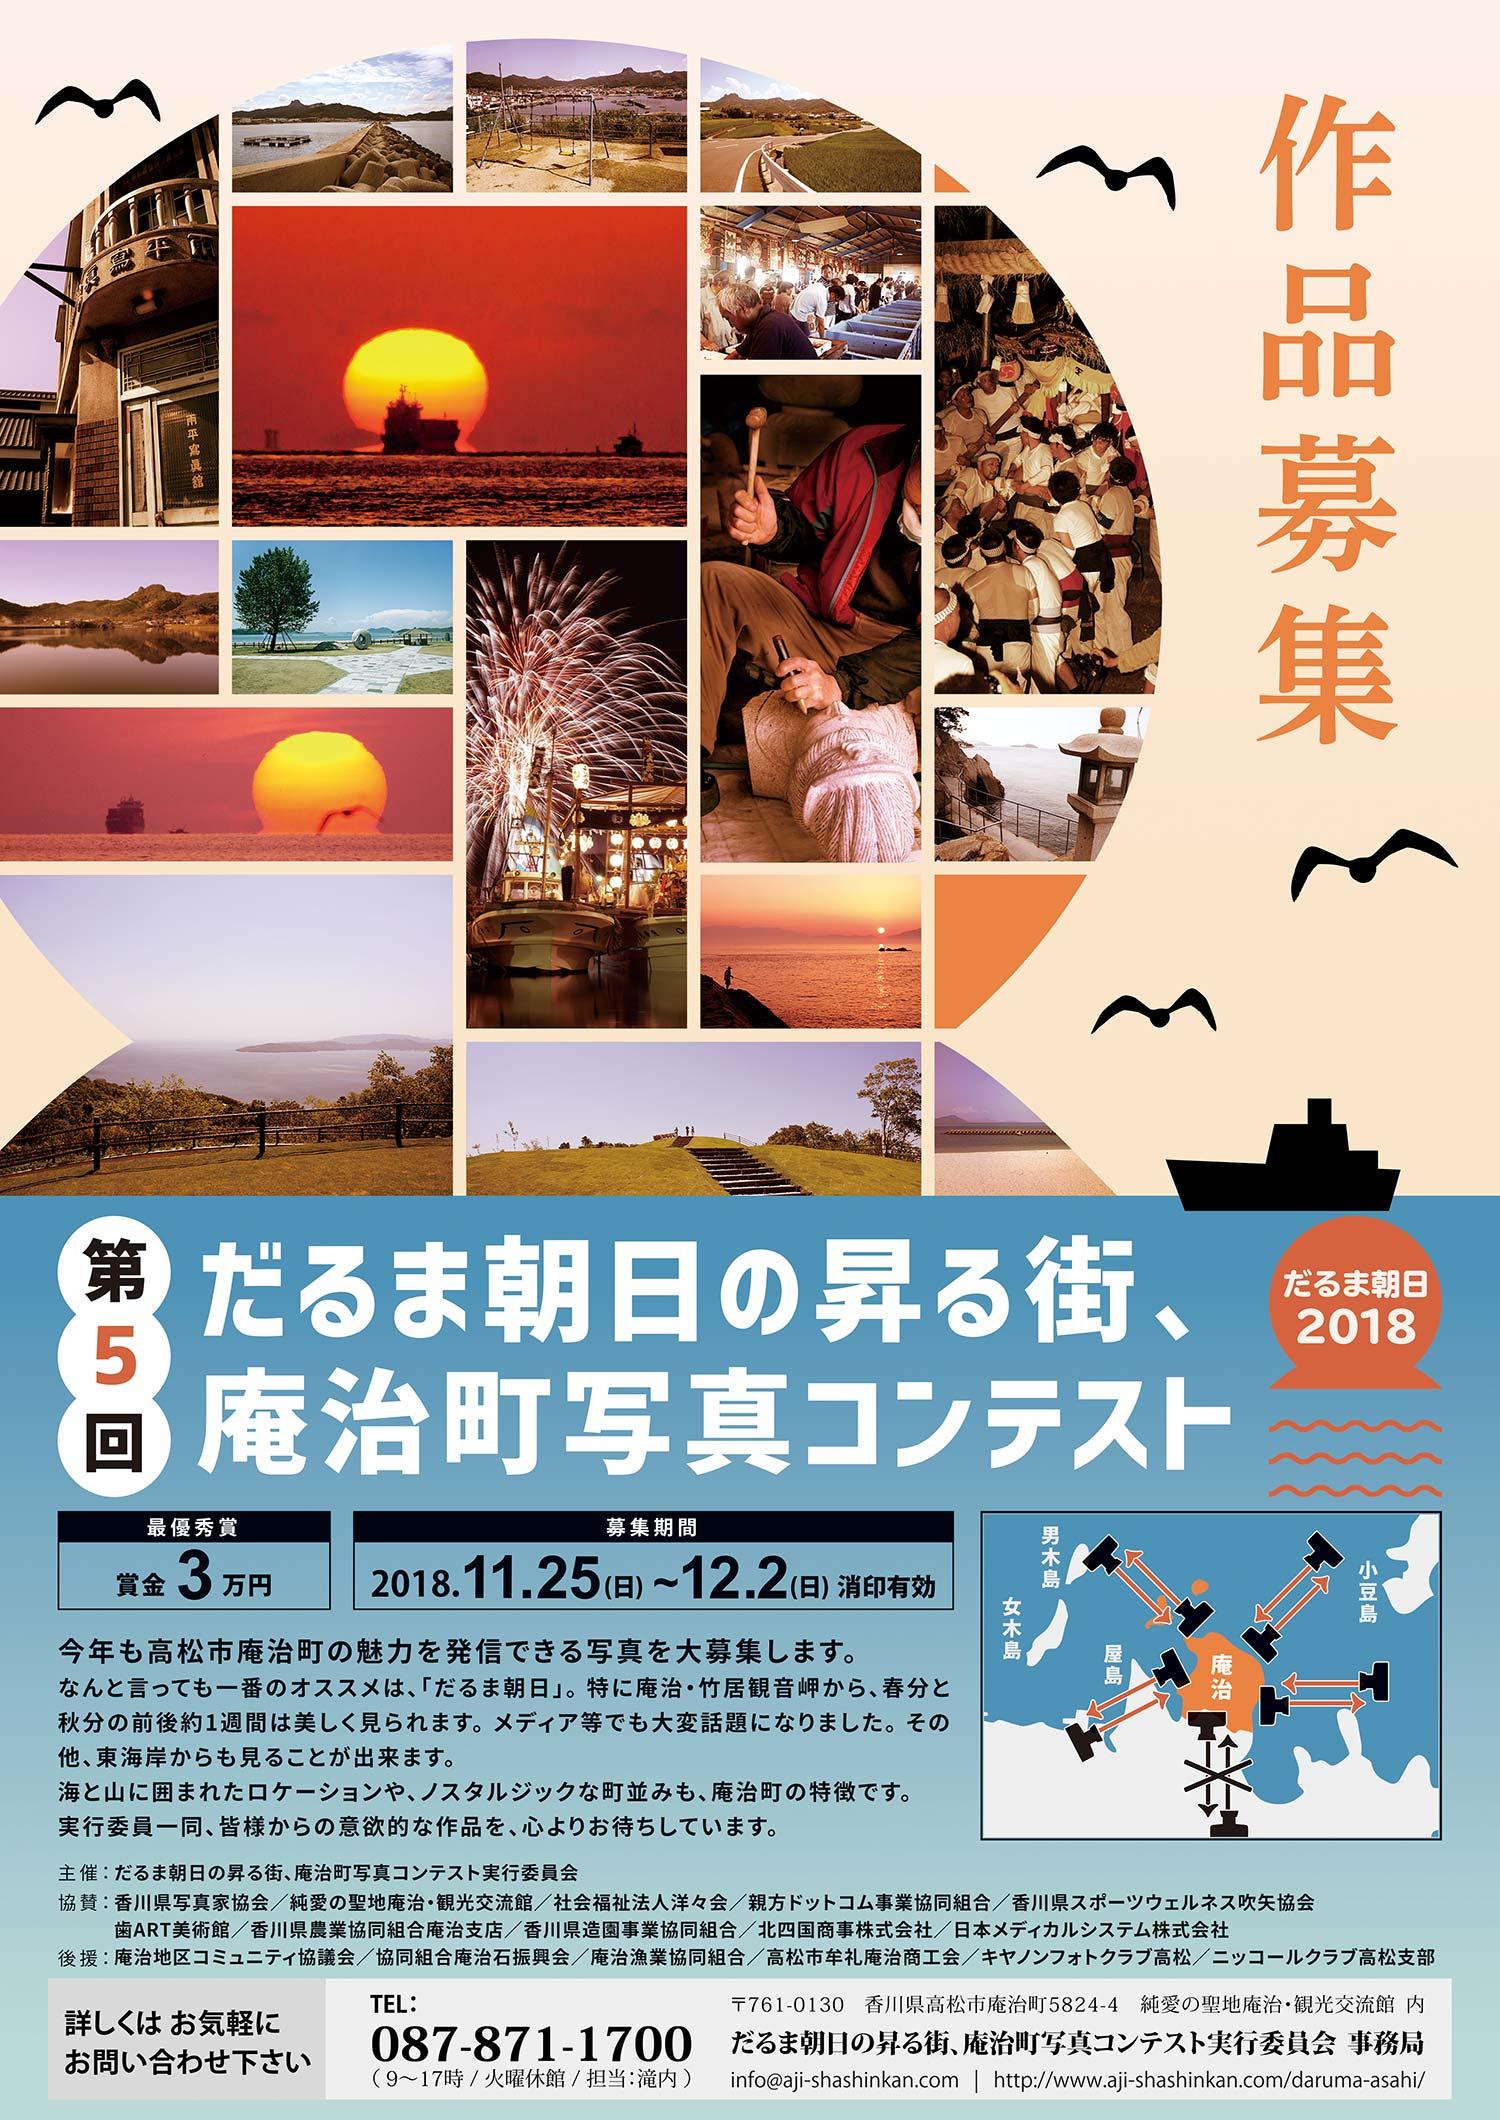 第5回(2018年度) だるま朝日の昇る街、庵治町写真コンテスト 応募要項 ポスター